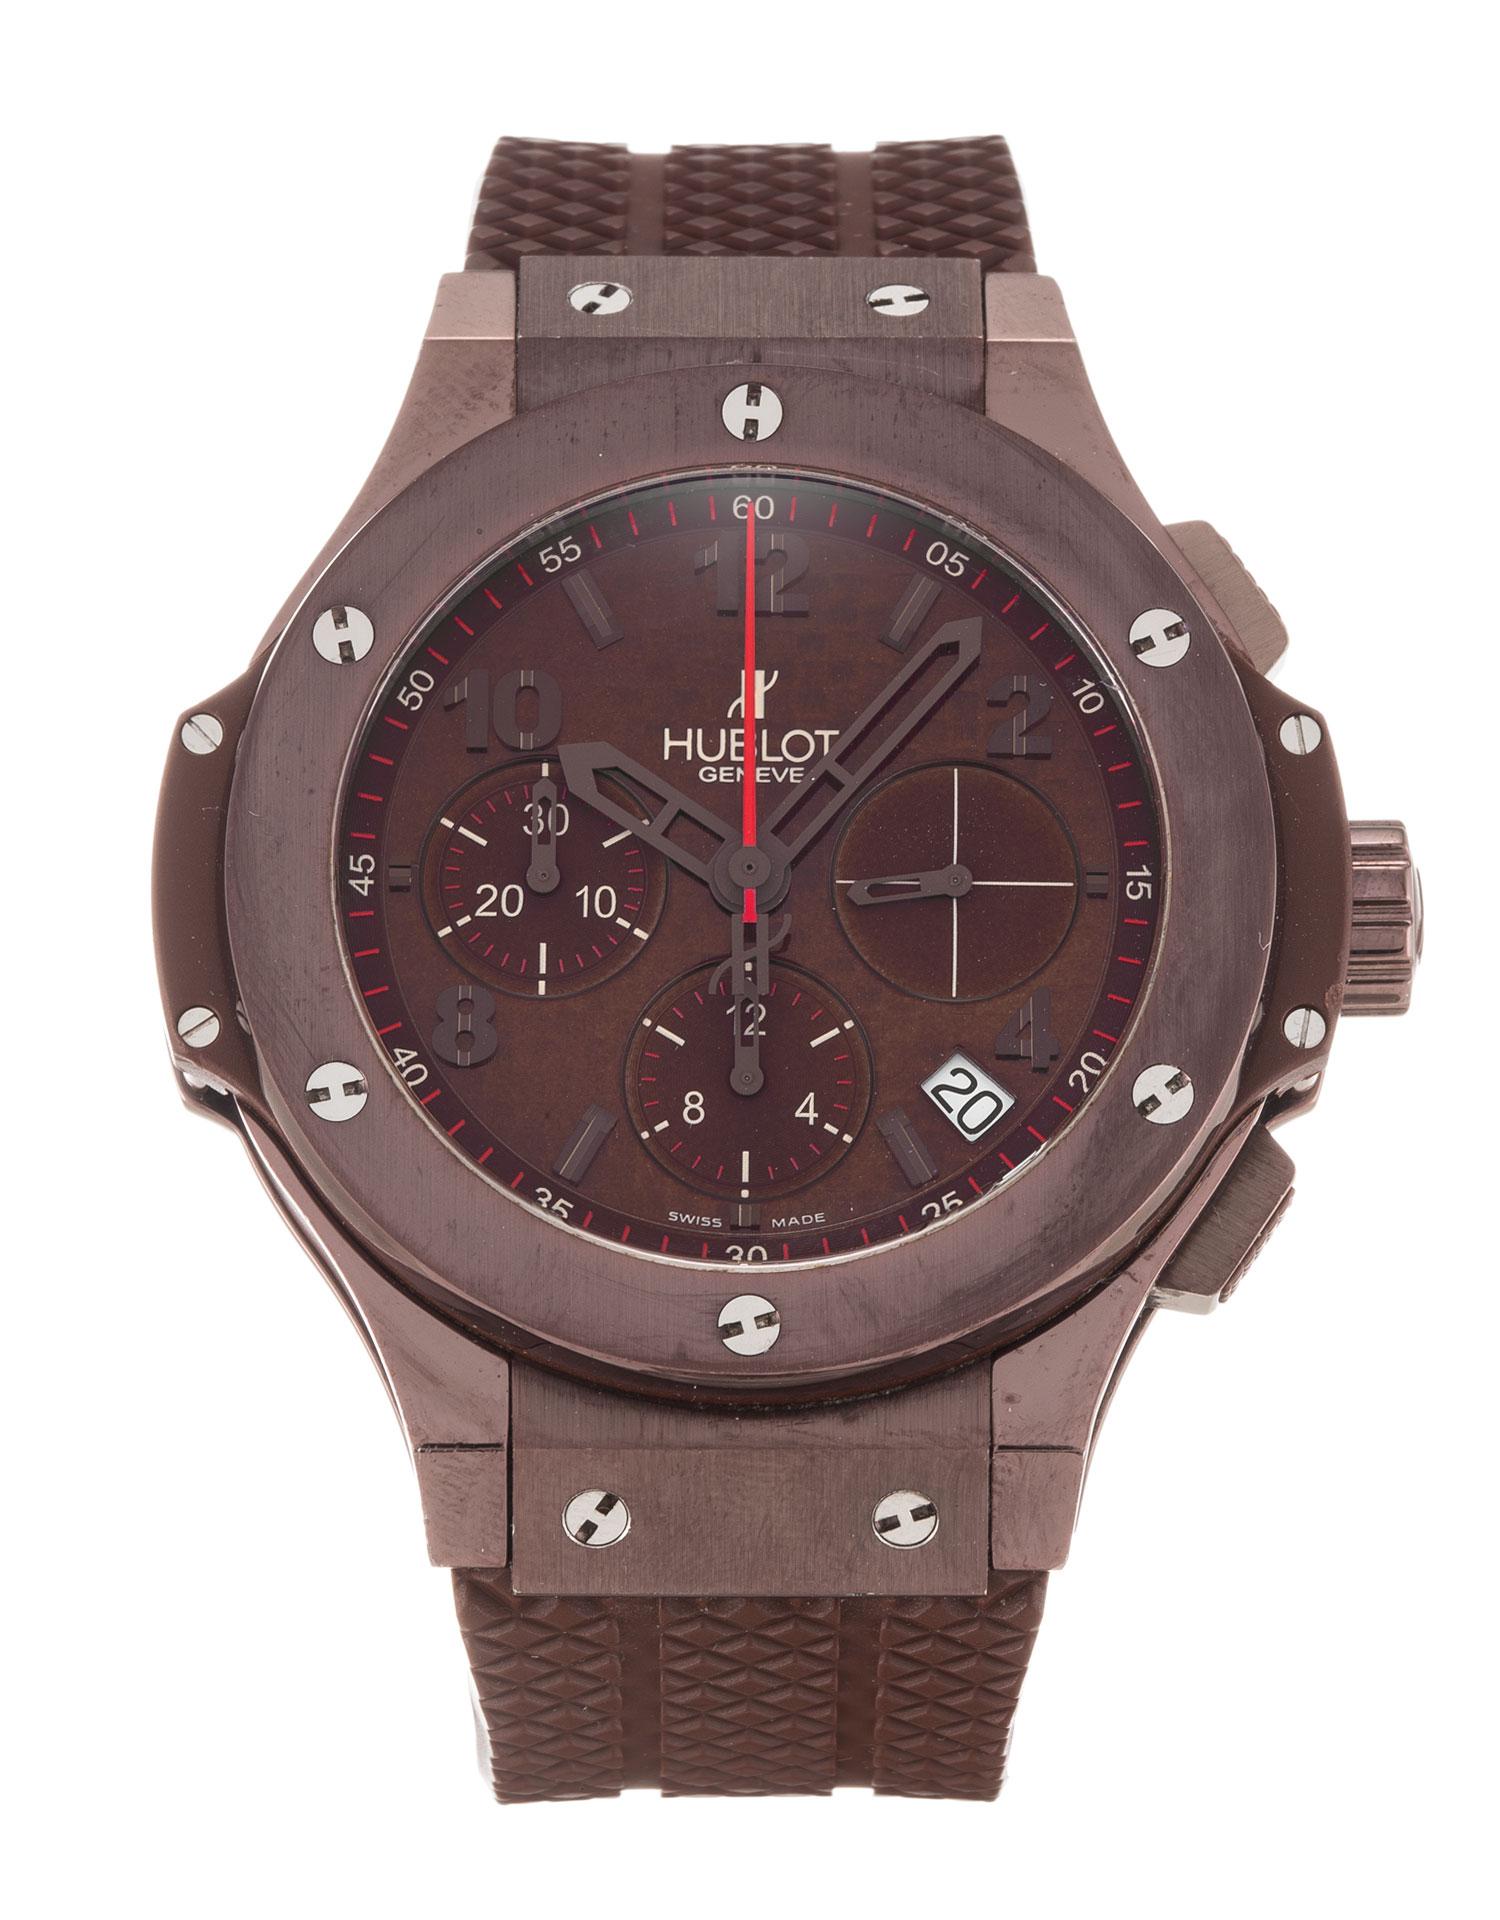 Réplicas de relojes más vendidos de hublot con alta calidad